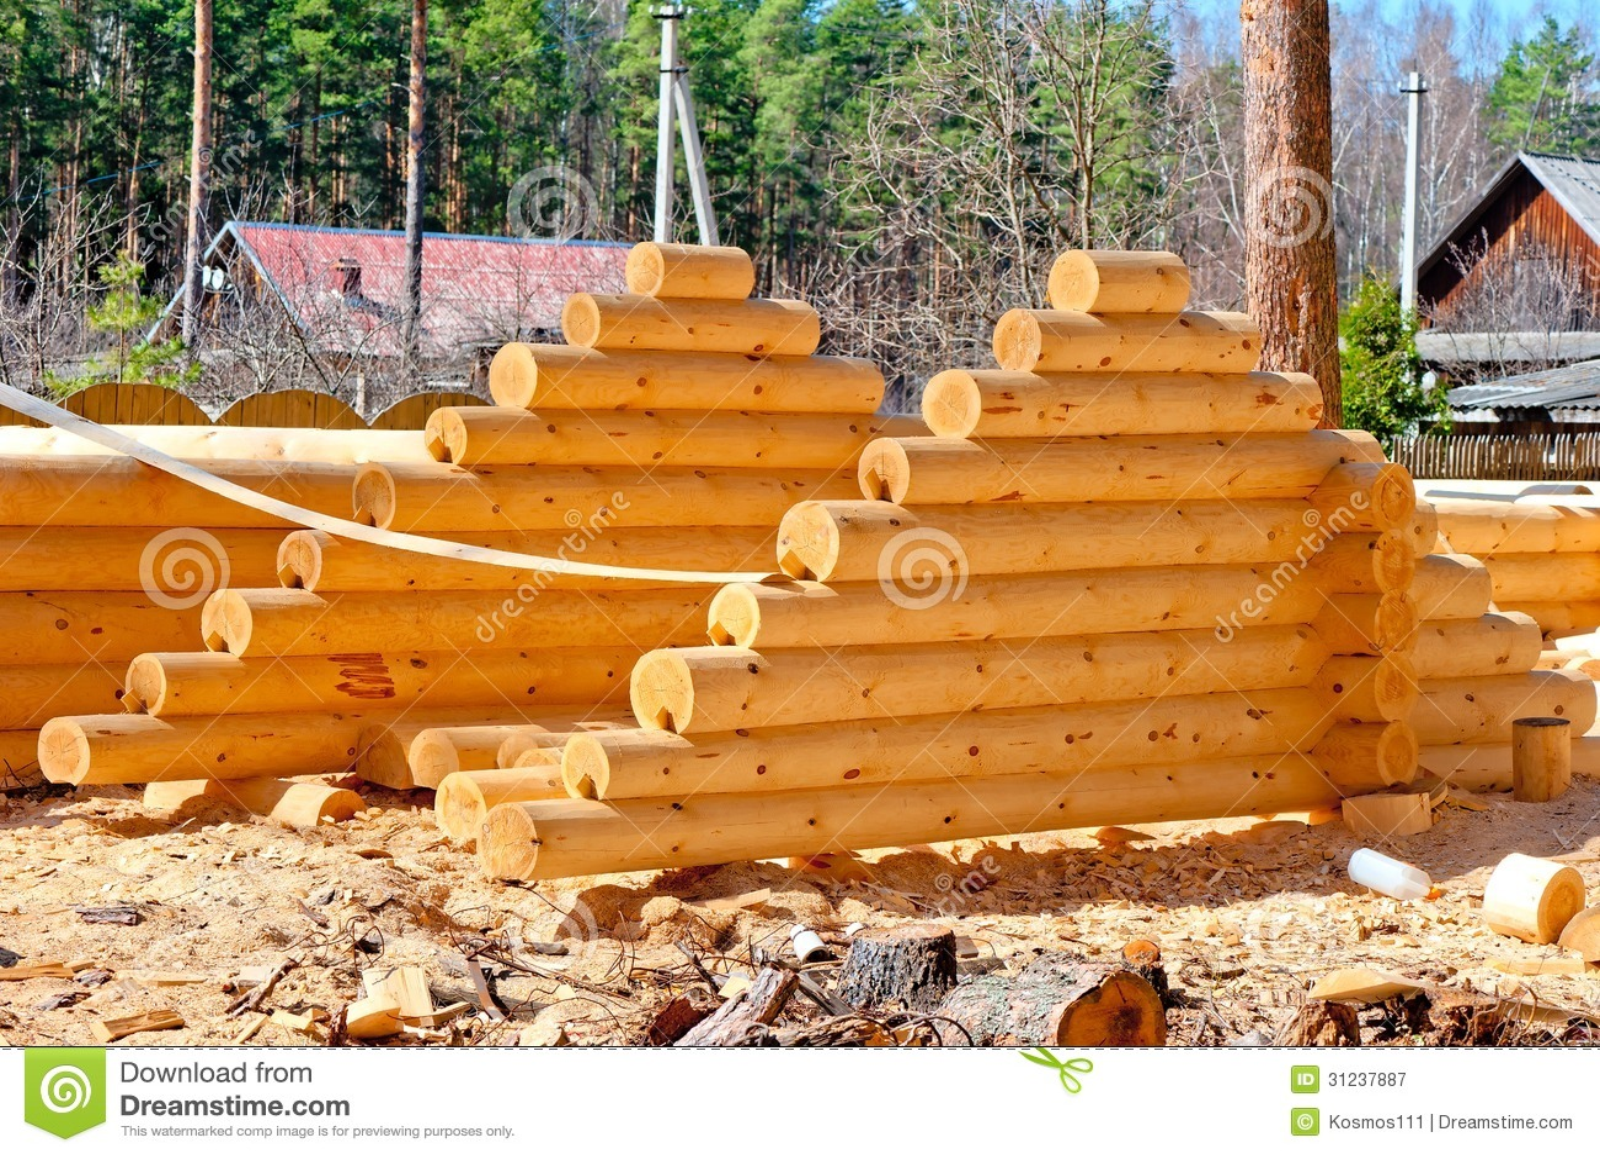 Cosecha del tejado para las caba as de madera de la madera - Cabanas de madera los pinos ...